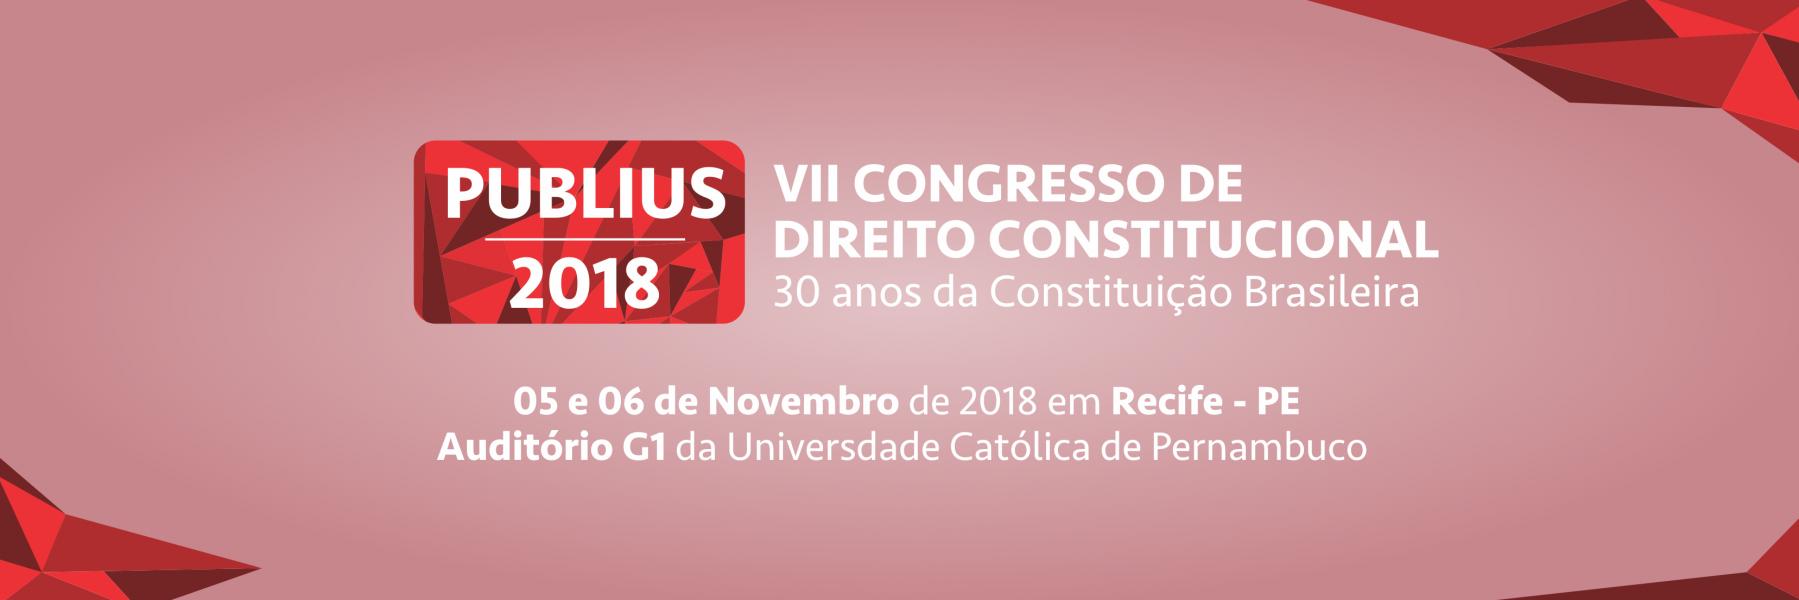 CONGRESSO PUBLIUS